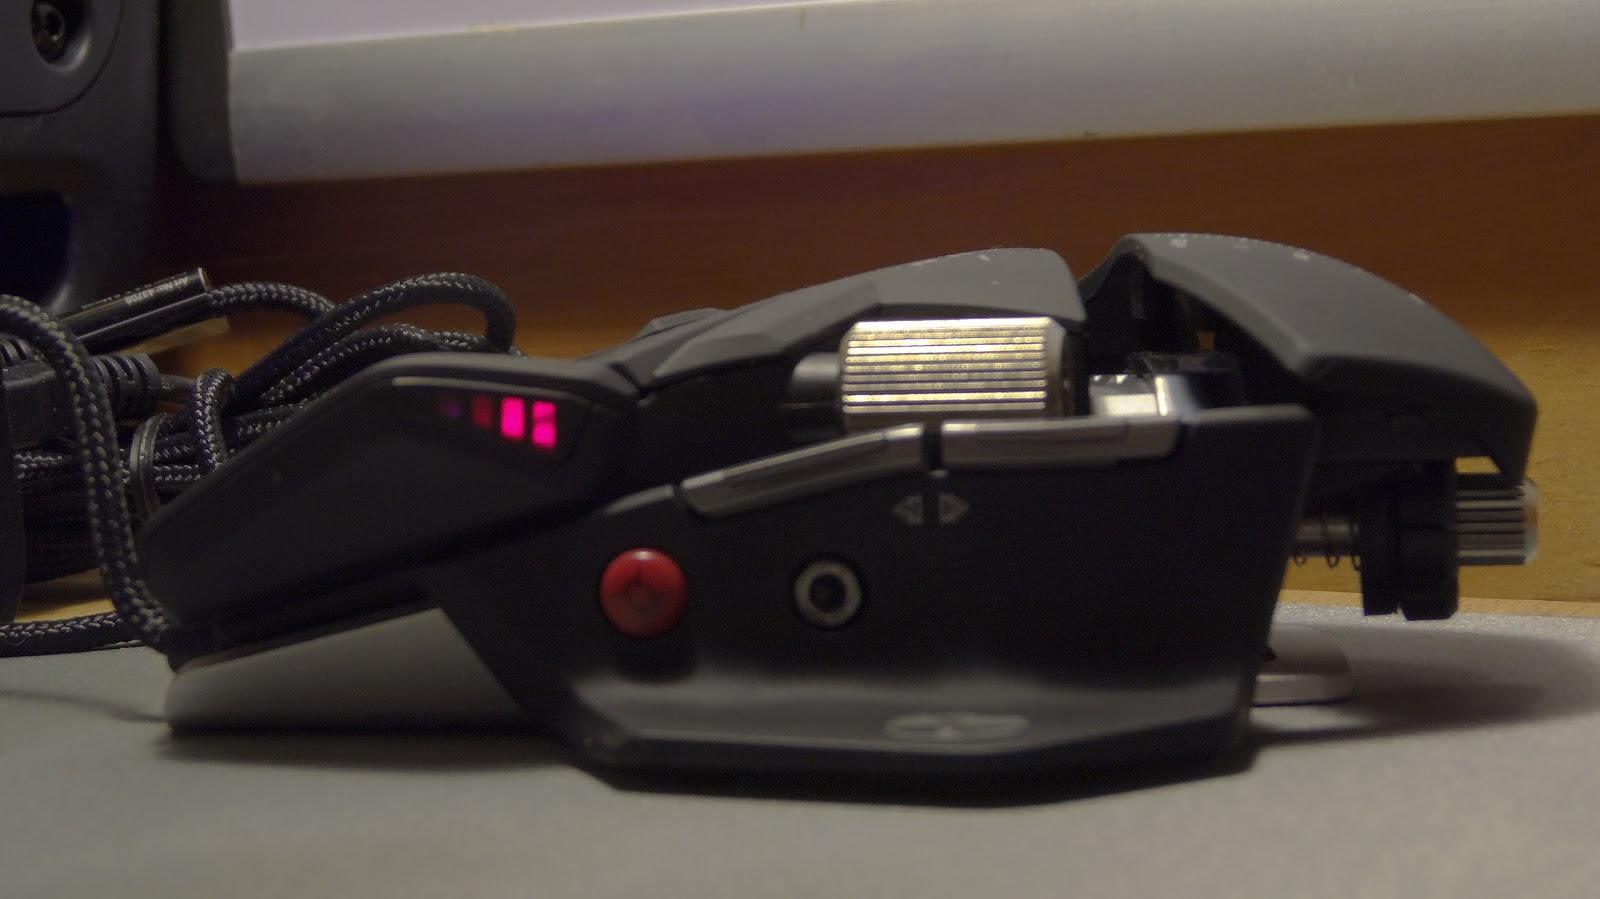 Xanu Electronics Mad Catz Rat 5 Review